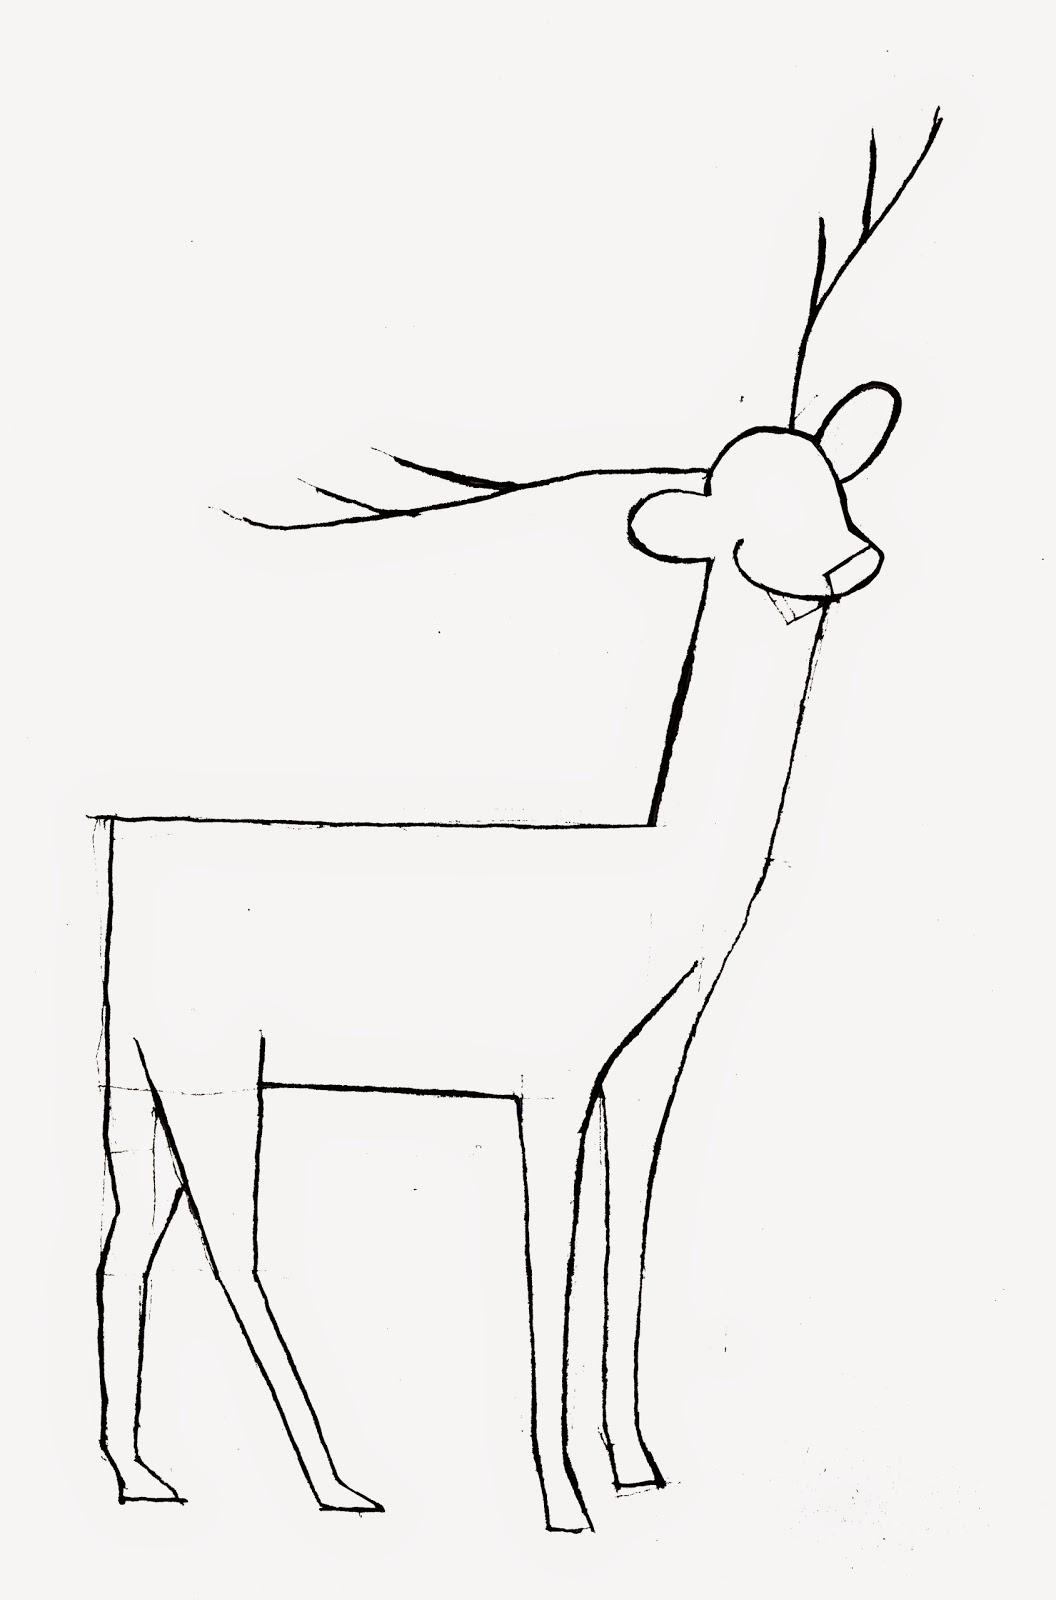 Cara Menggambar Semut : menggambar, semut, Terbaik, Untuk, Gambar, Binatang, Semut, Sketsa